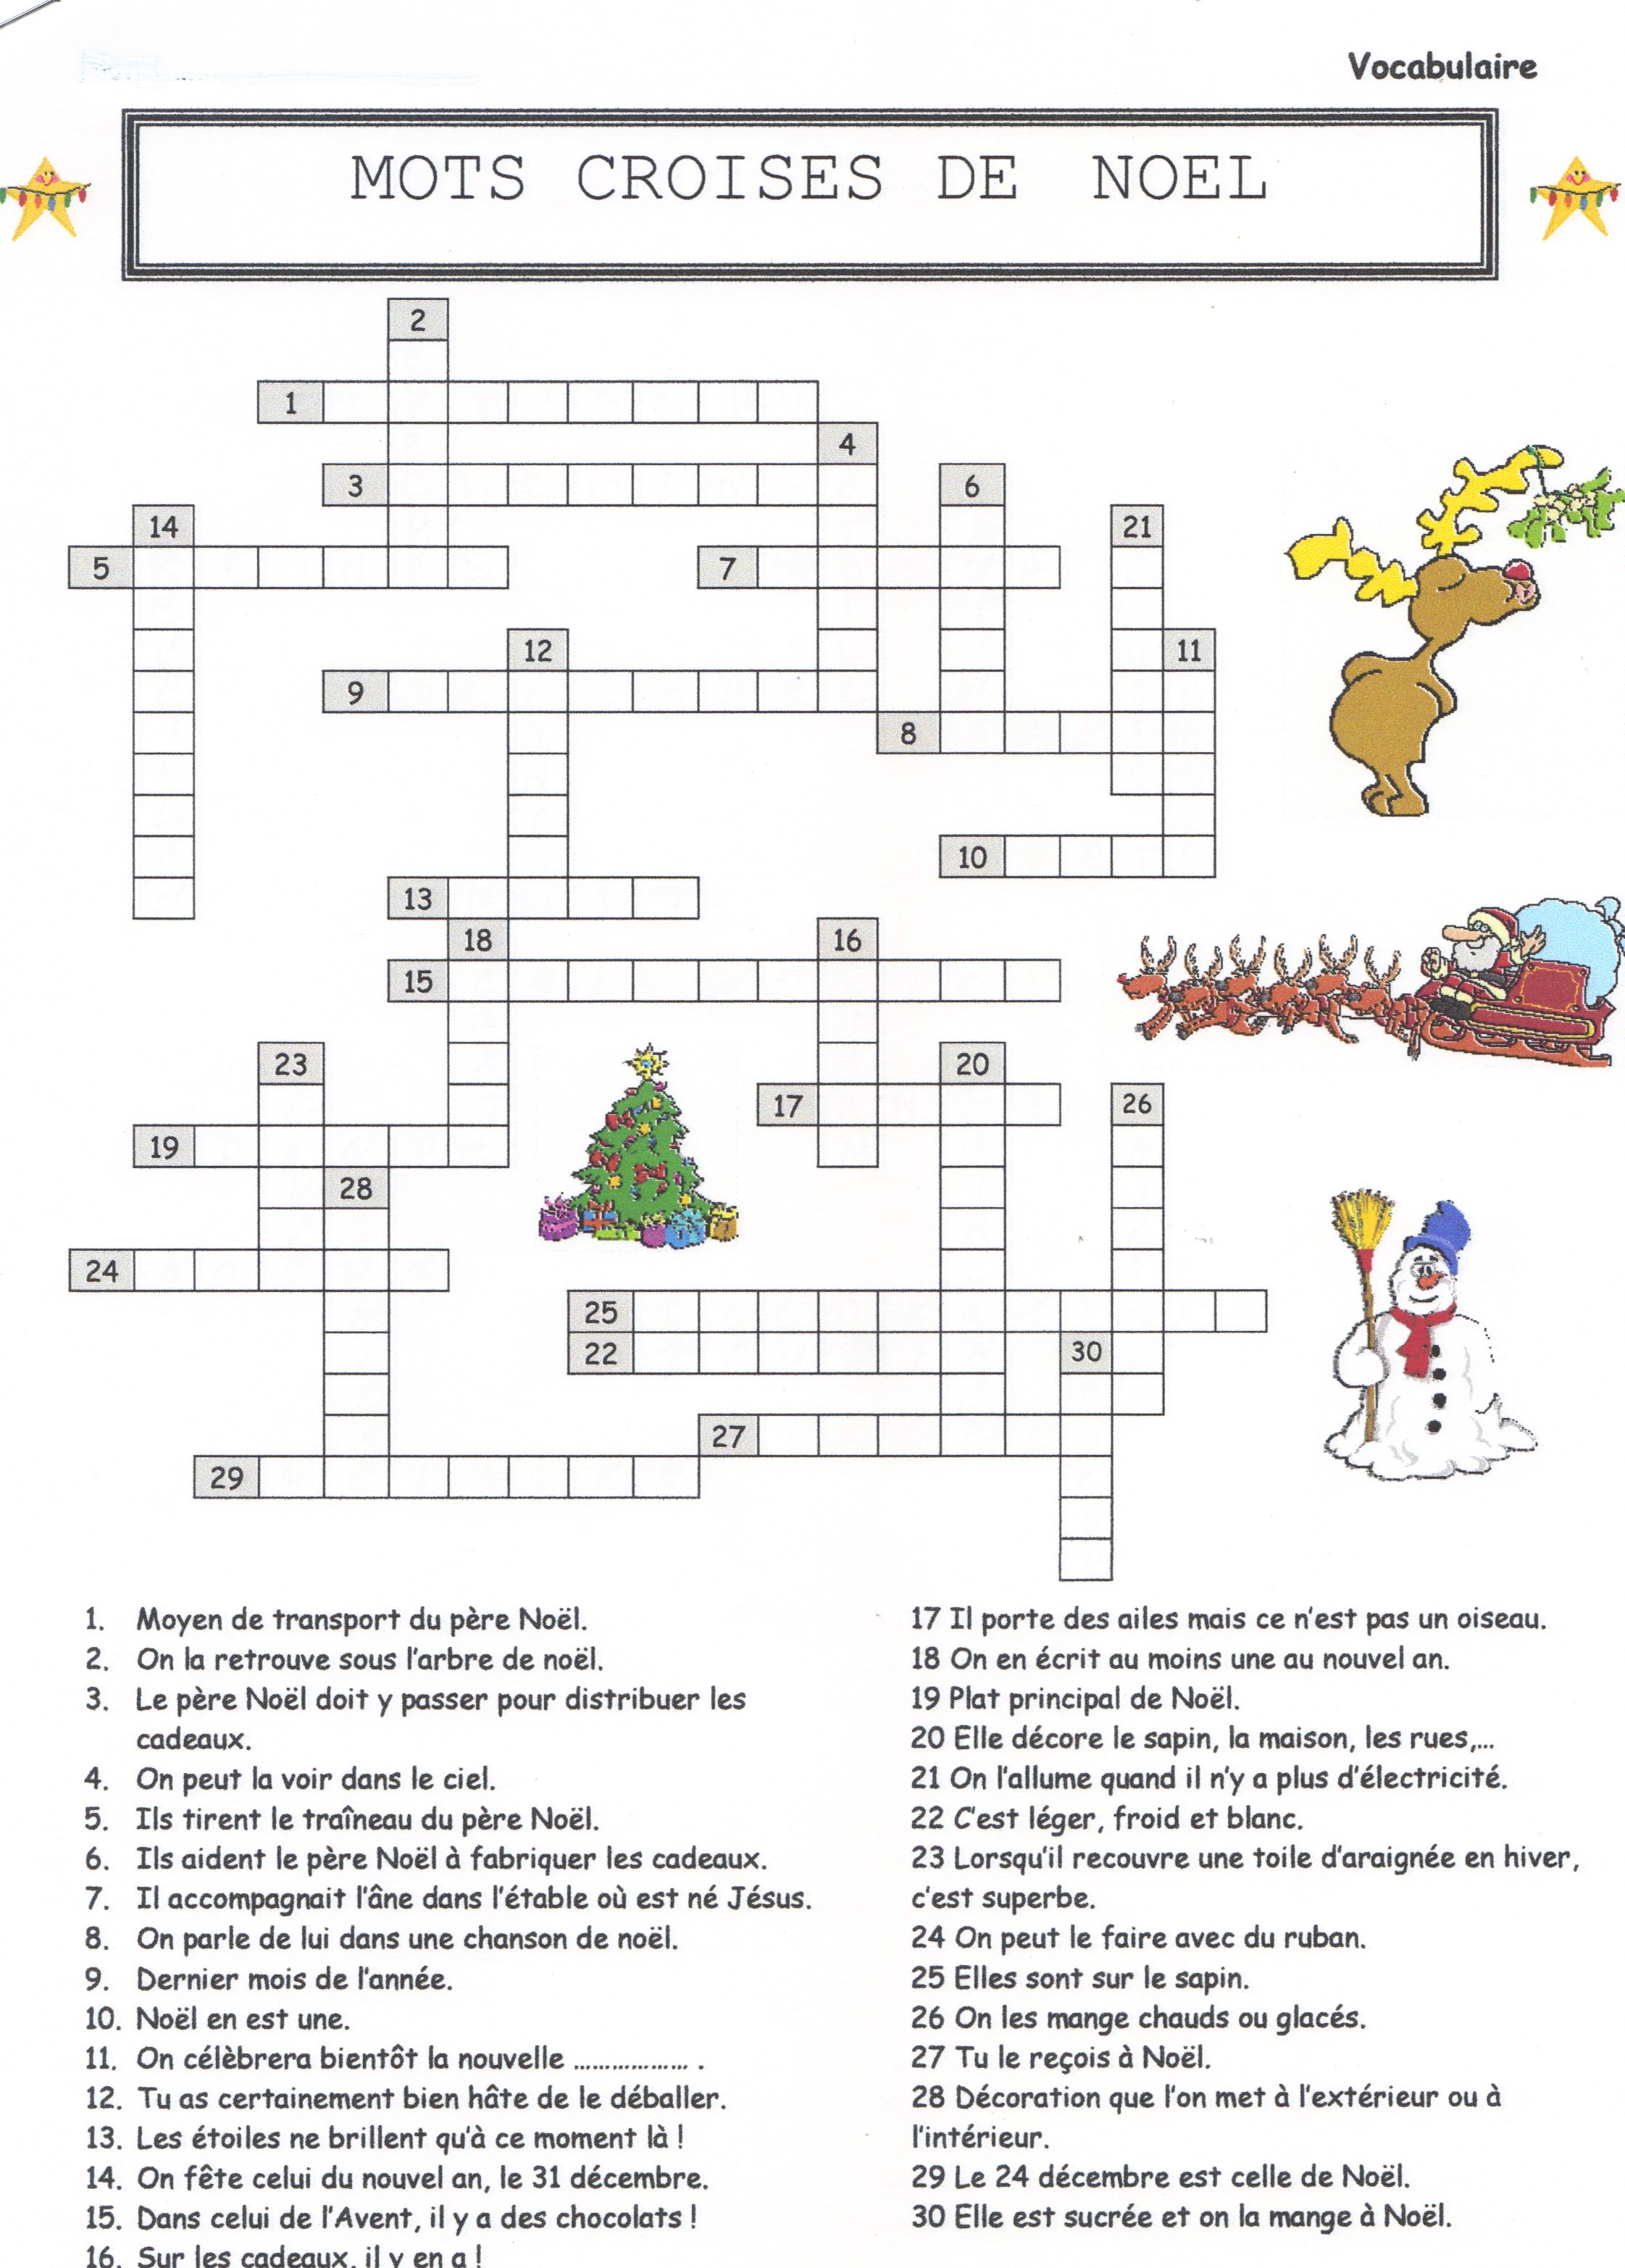 Mots Croises De Noel Christmas Crossword Puzzle